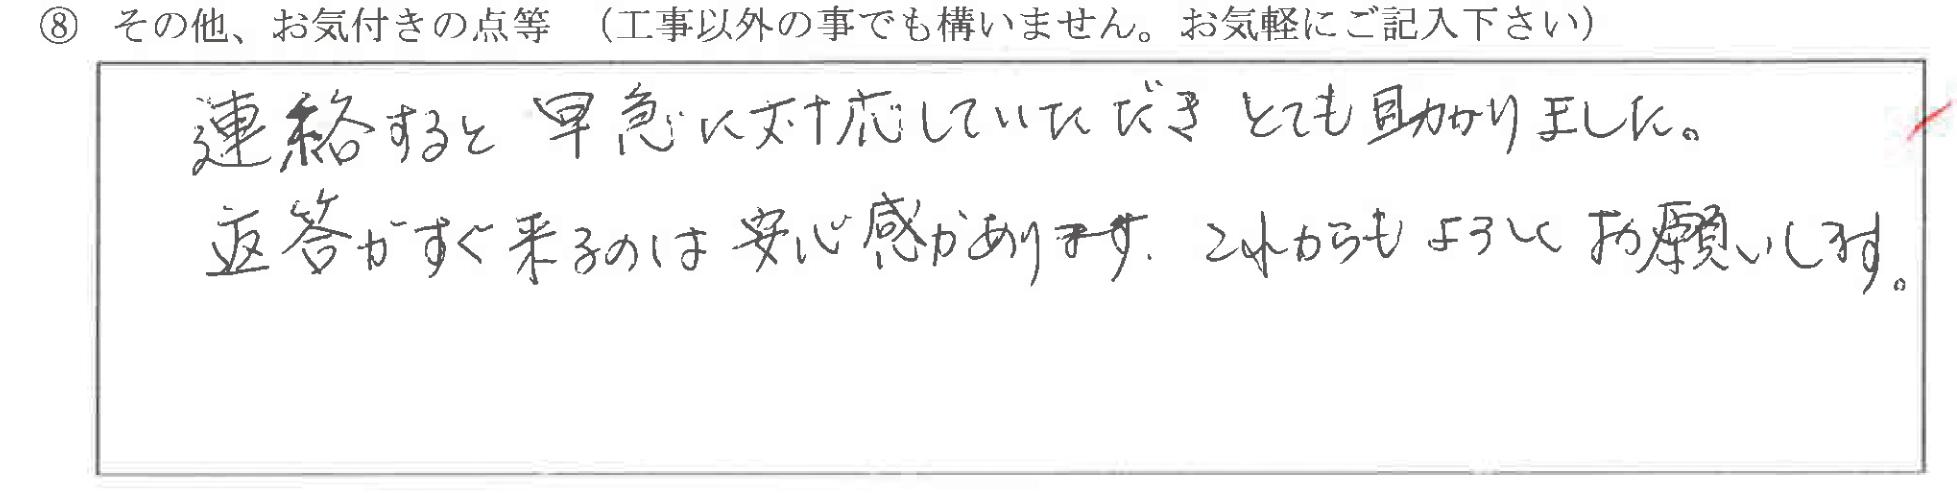 石川県野々市市H様に頂いたコウモリ対策・建具工事についてのお気づきの点がありましたら、お聞かせ下さい。というご質問について「コウモリ対策・建具工事【お喜びの声】」というお声についての画像